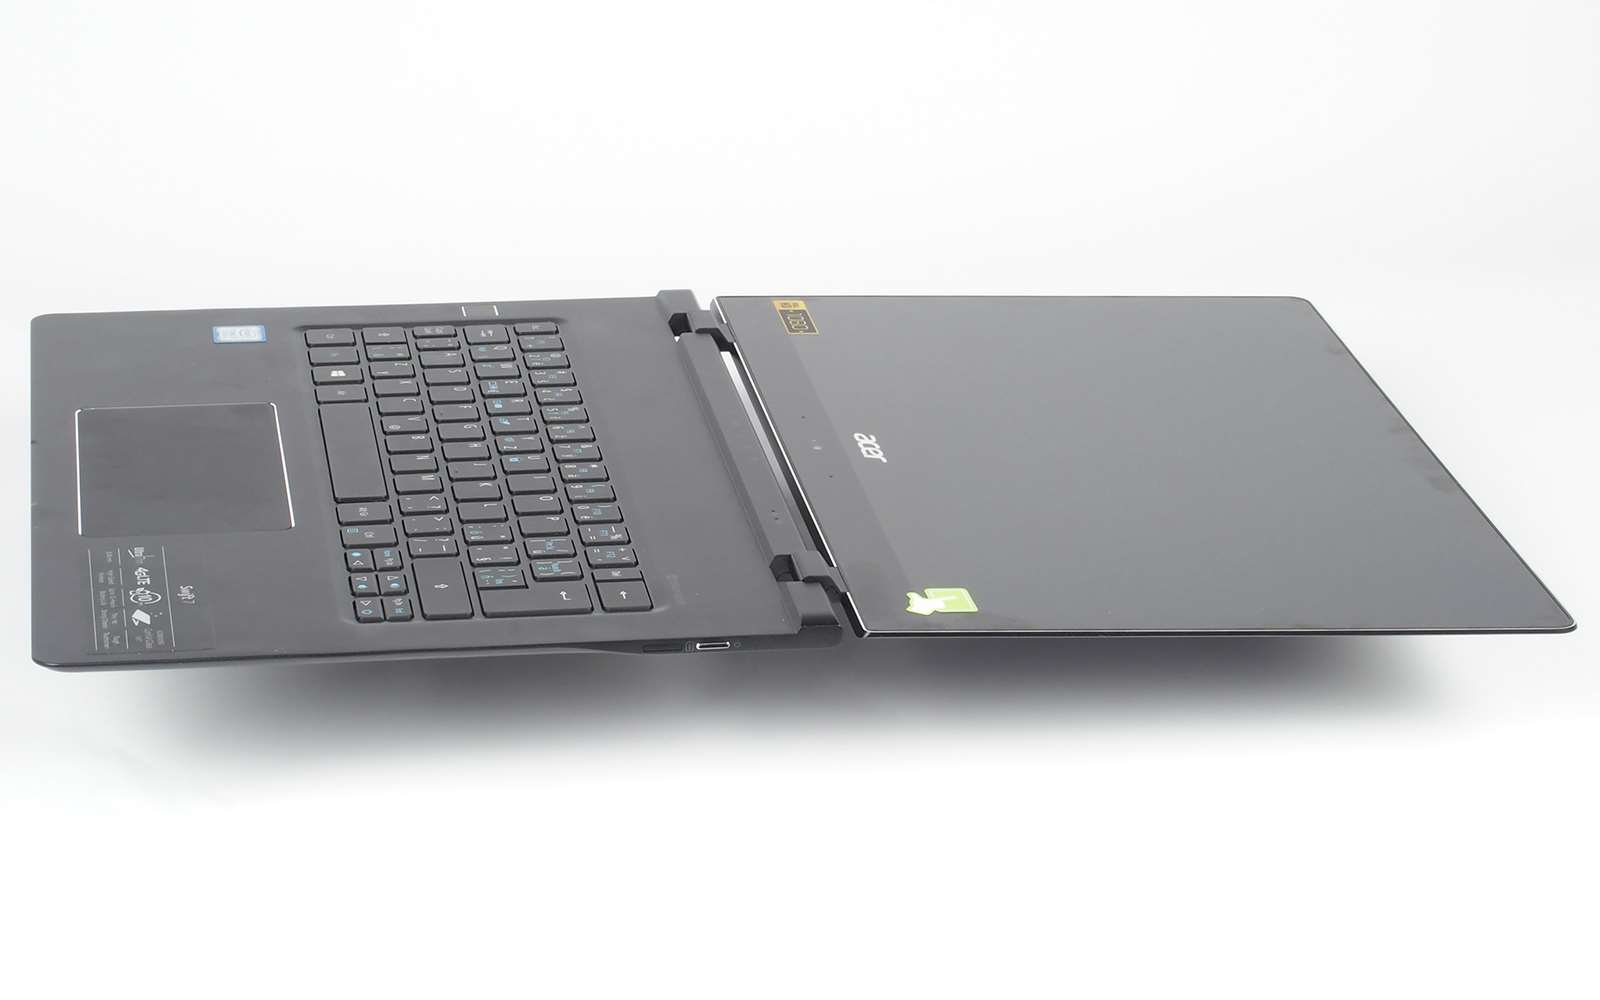 103bef500f6 Úhel rozevření displeje je tradičně u Aceru bez omezení. Notebook  nepřesáhne AAA baterii ani včetně započítání nožiček. Klávesnice bez horní  řady kláves je ...